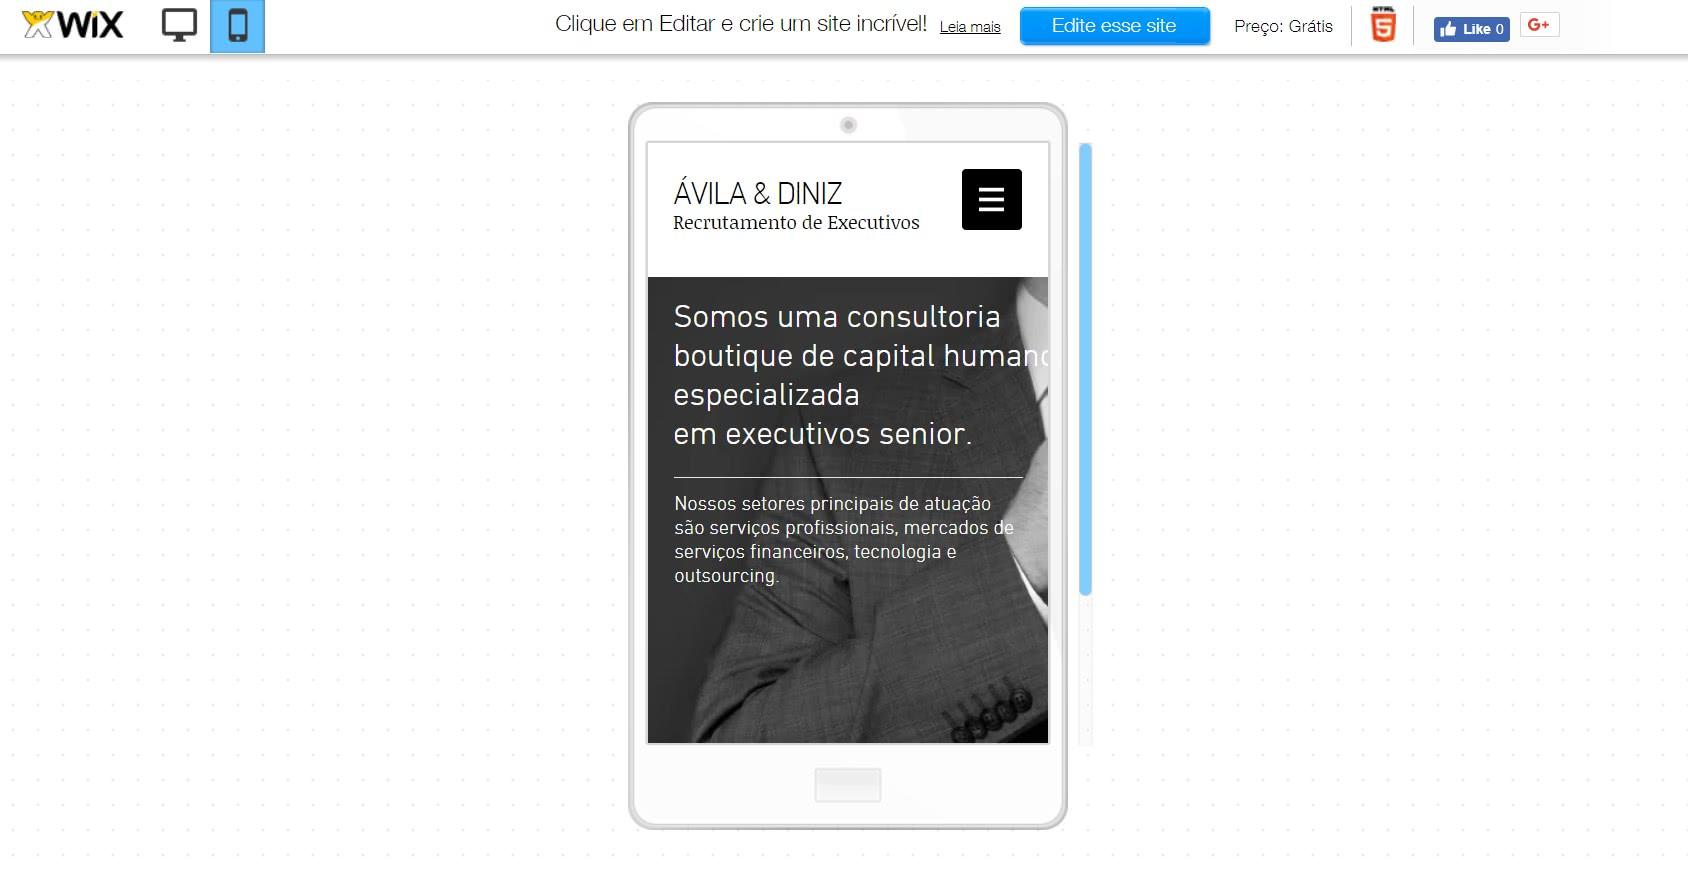 criar site responsivo no wix